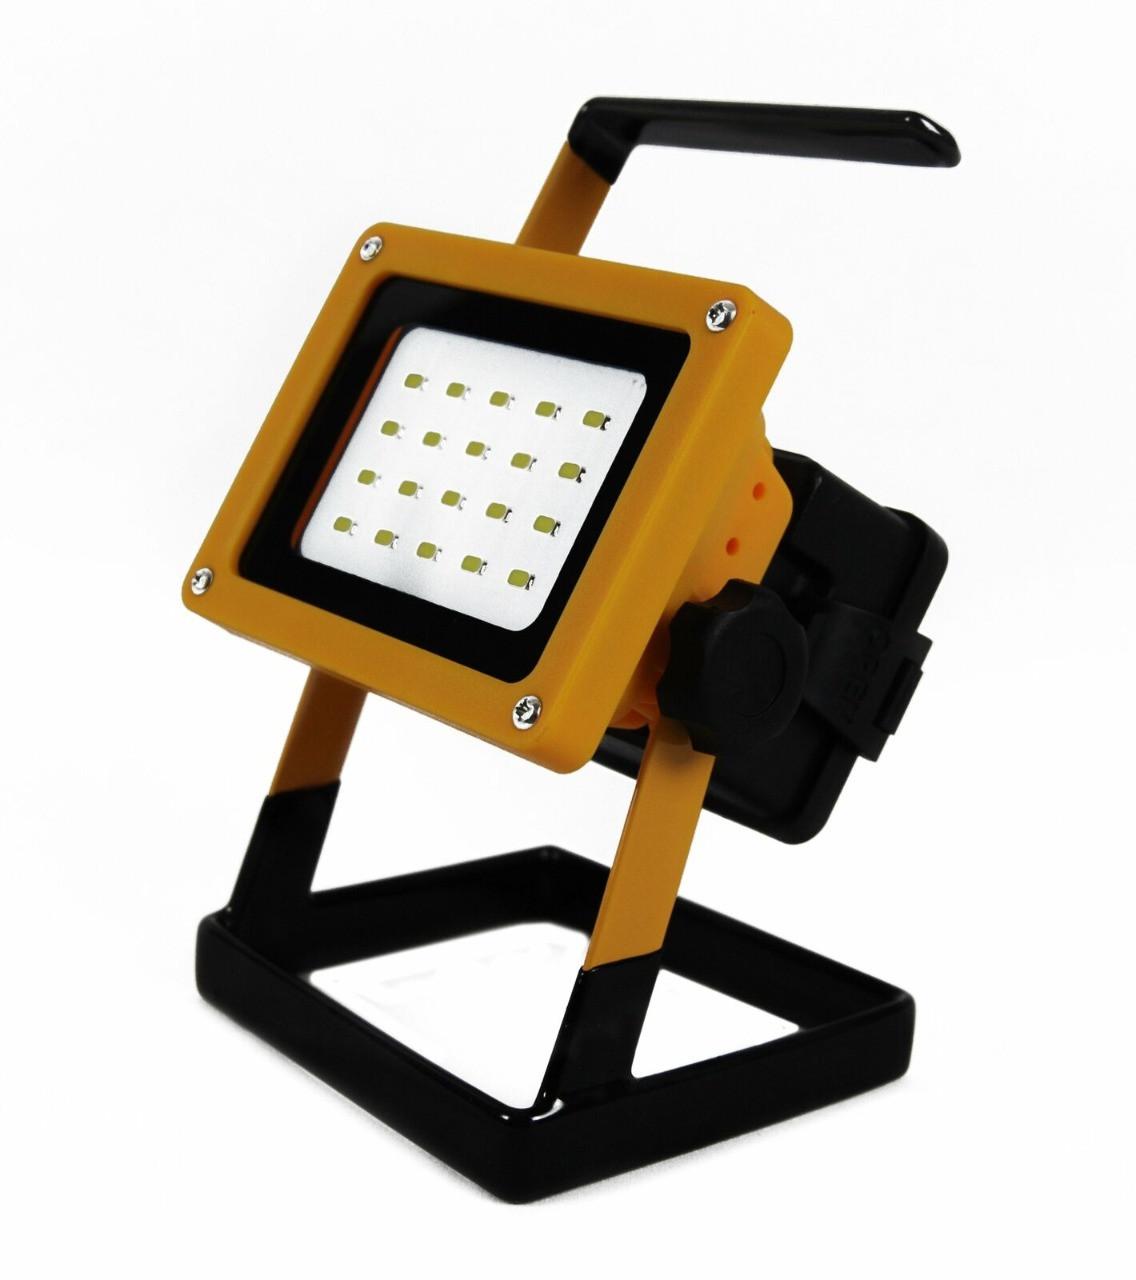 Переносной светодиодный прожектор 20W аккум Вт 2400 Лм (авто зарядное устройство, и сетевое 220V) IP65